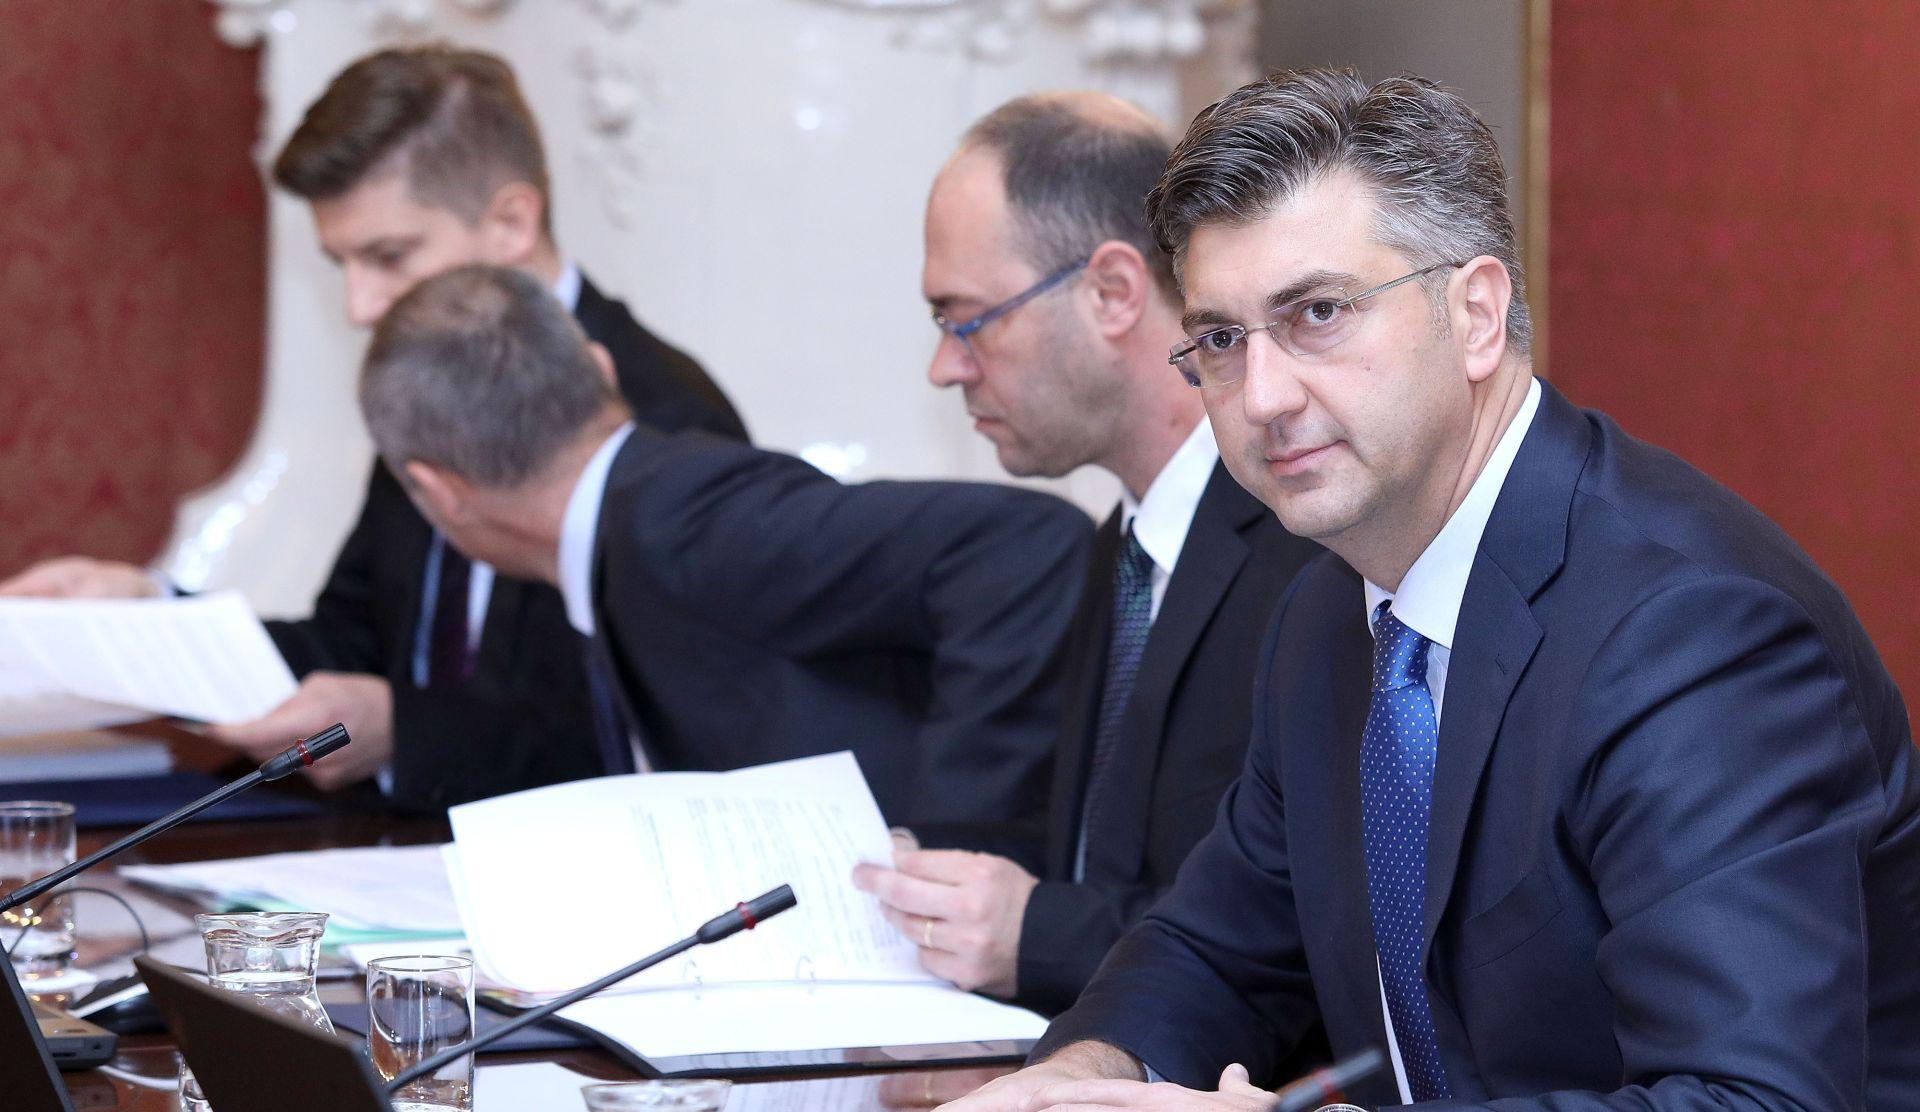 Uži kabinet Vlade raspravlja o poreznoj reformi